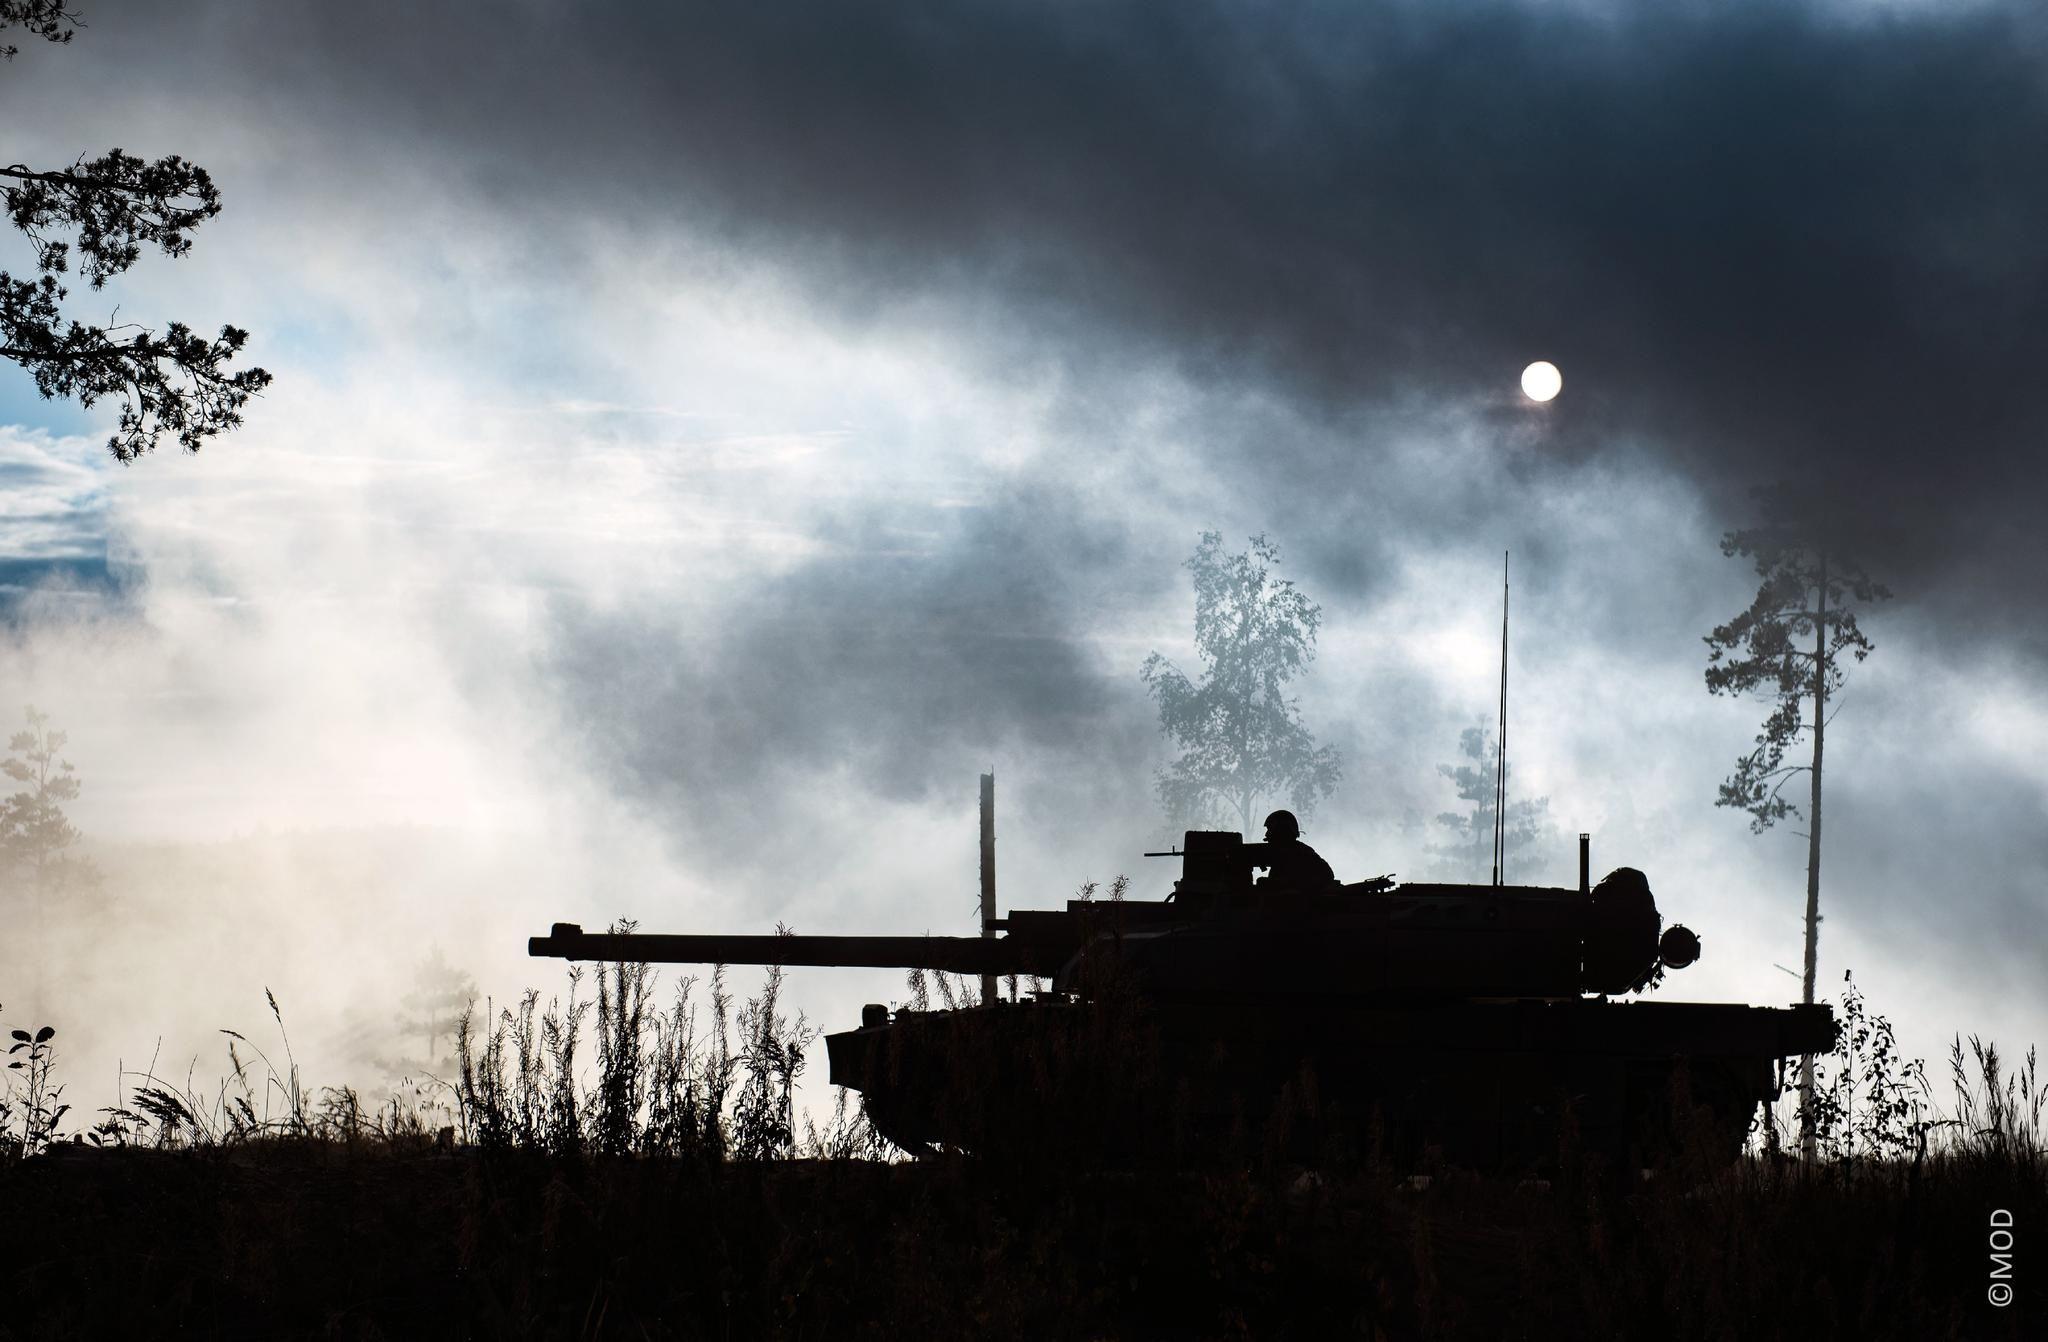 3CDSE tank night